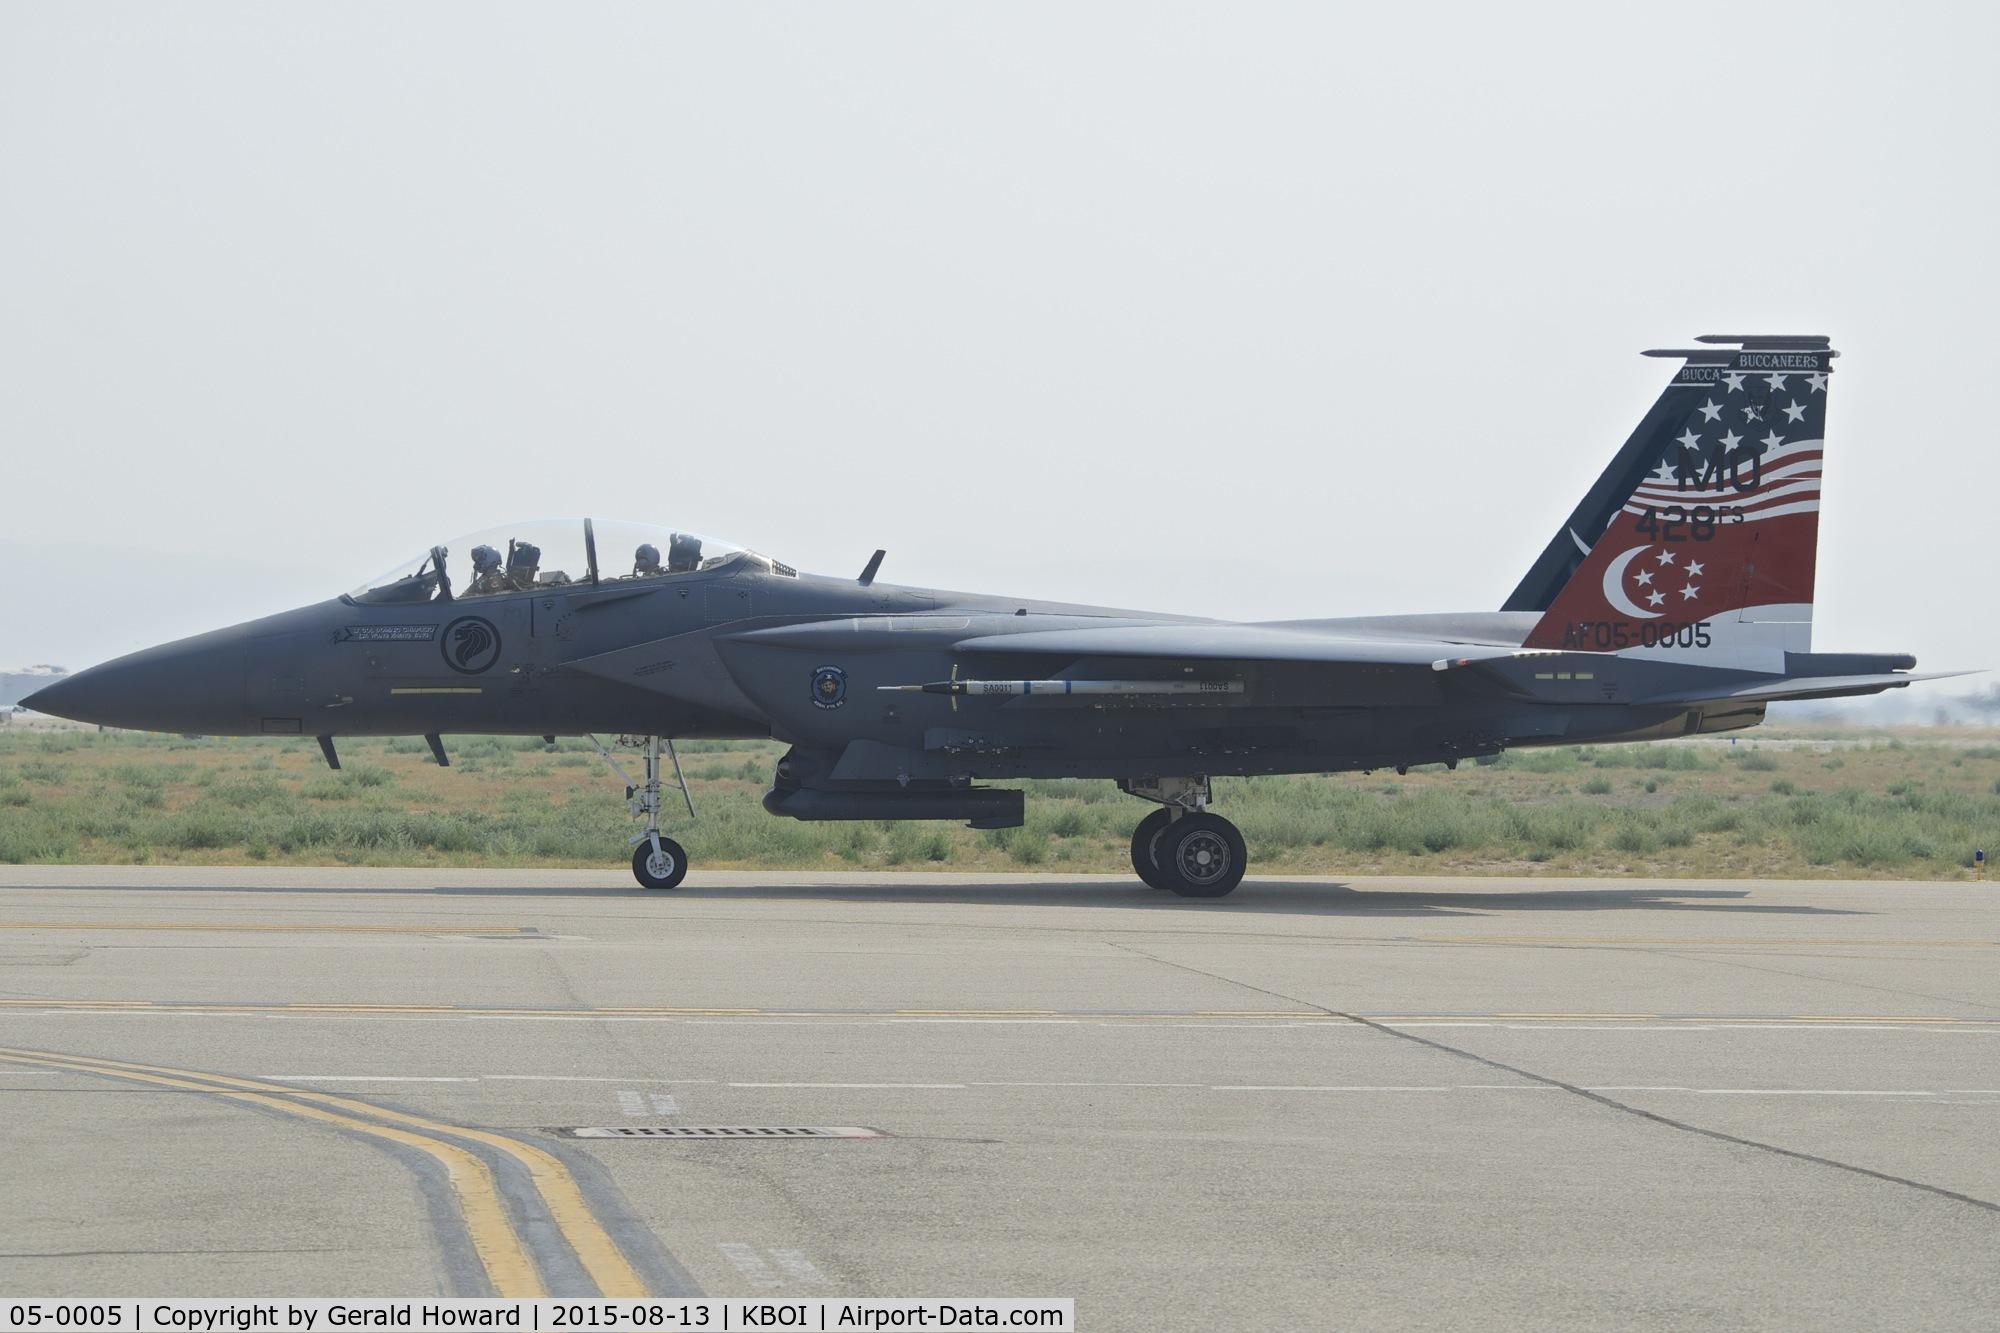 05-0005, 2005 Boeing F-15SG Strike Eagle C/N SG5, 428th Fighter Sq.